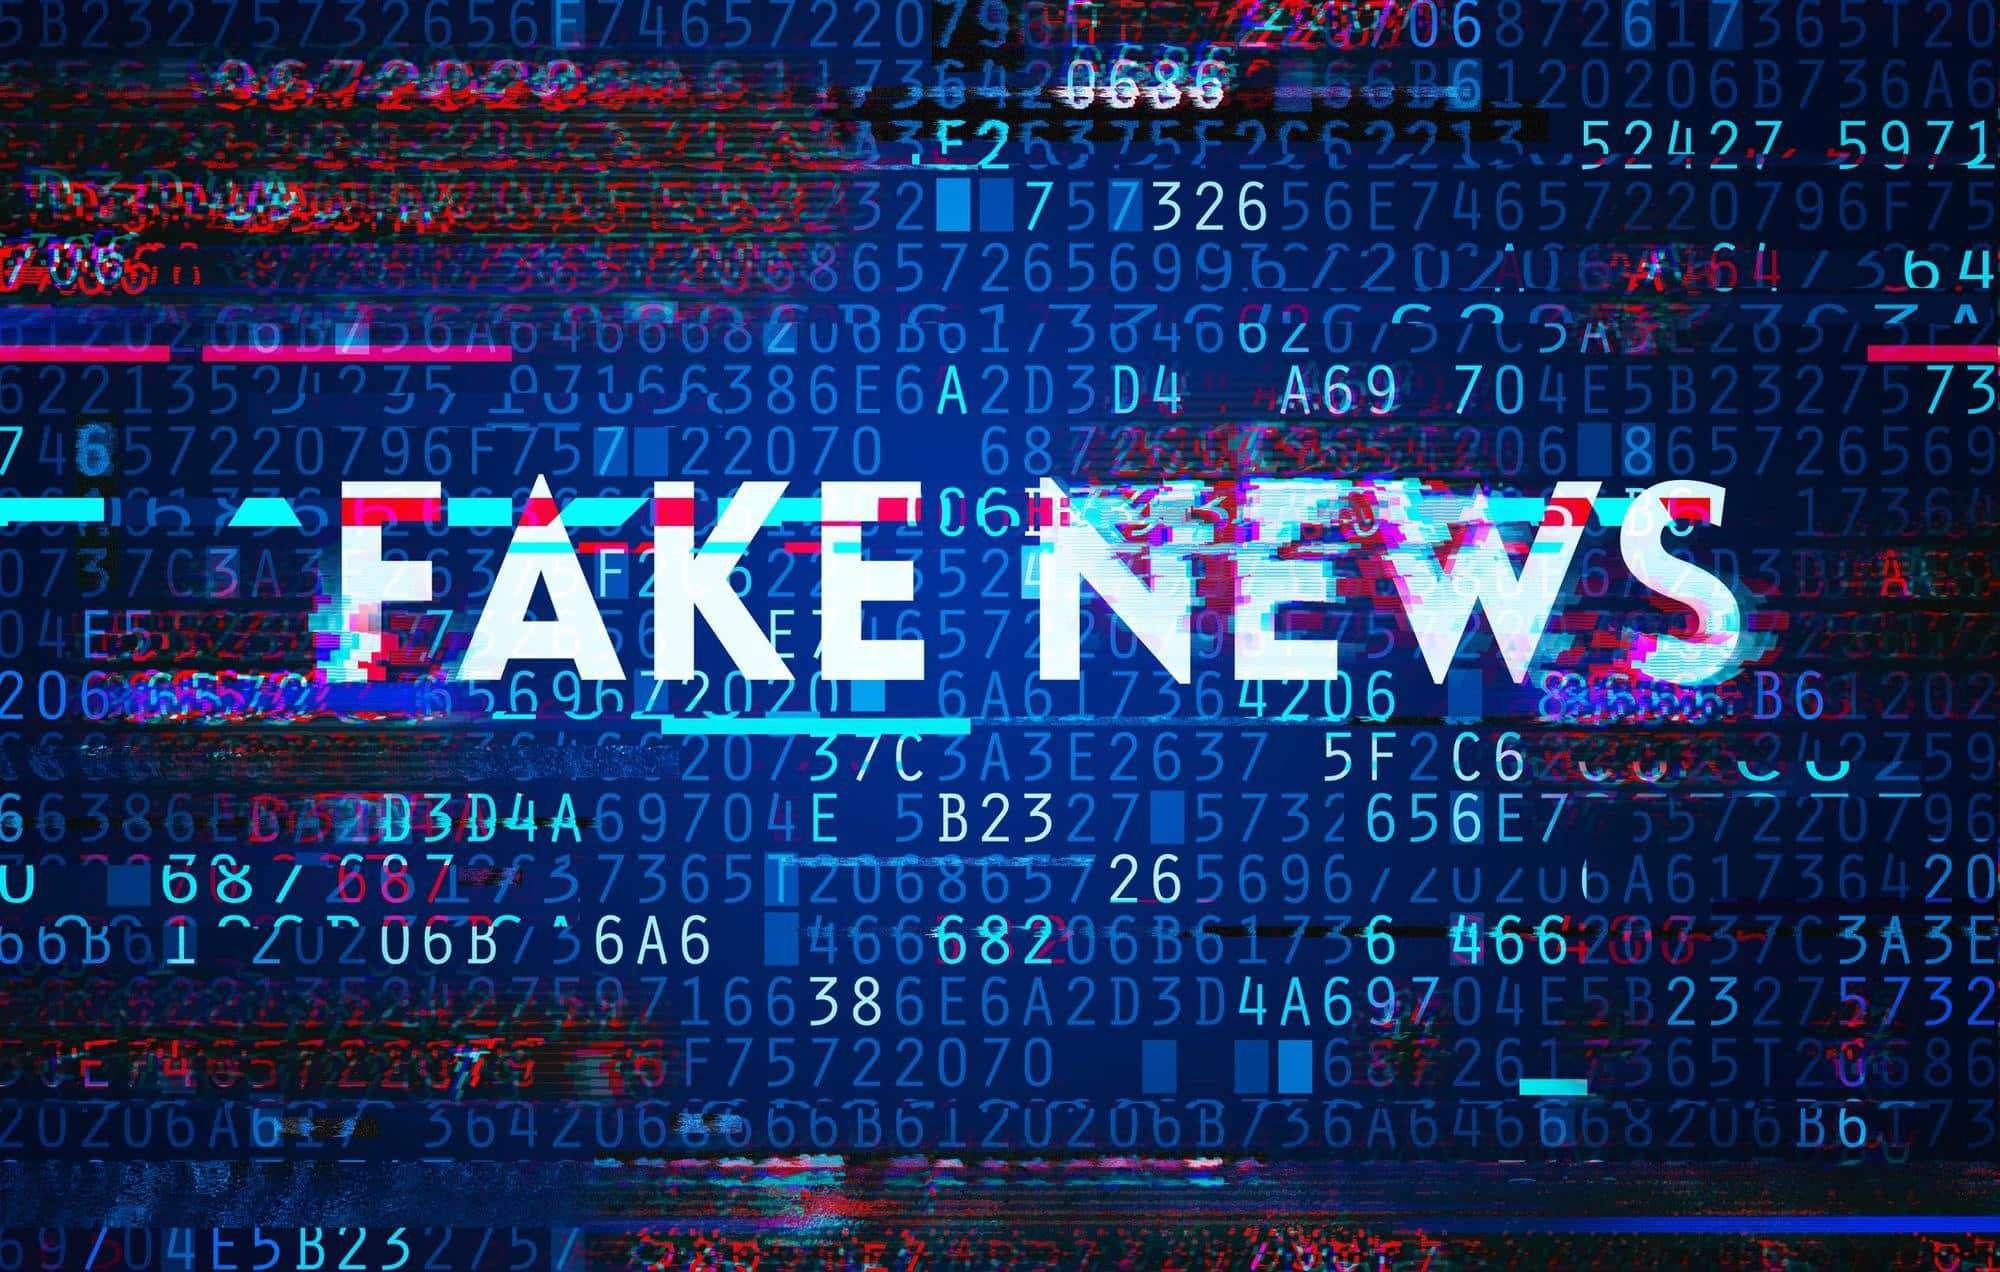 PL das fakes news: censura? Lei da mordaça? Entenda o que pode mudar